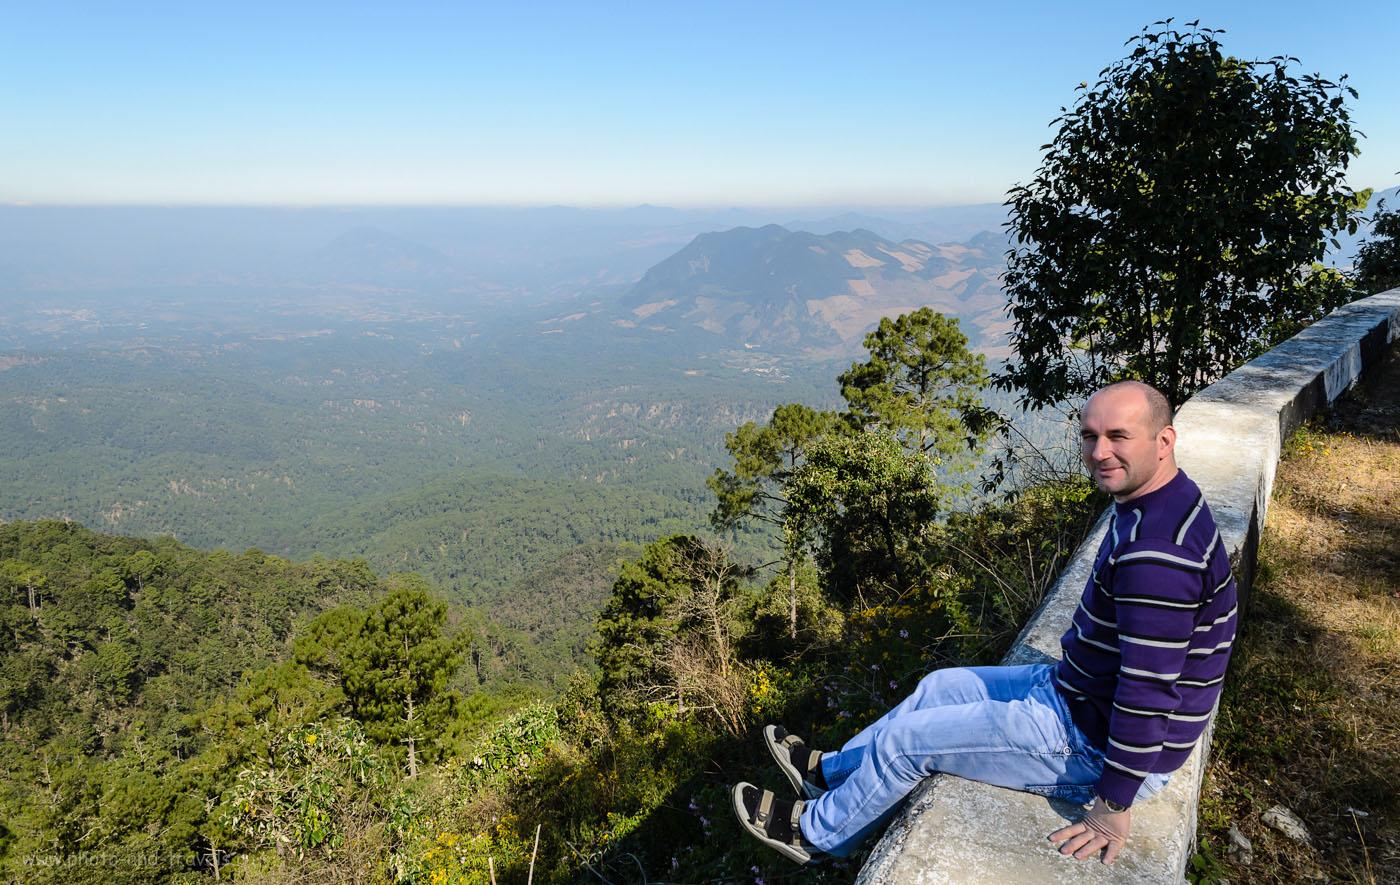 Фото 3. В горах Сьерра-Мадре-де-Чьяпас  в Мексике. Отчет об экскурсии в каньон Сумидеро (El Cañón del Sumidero)